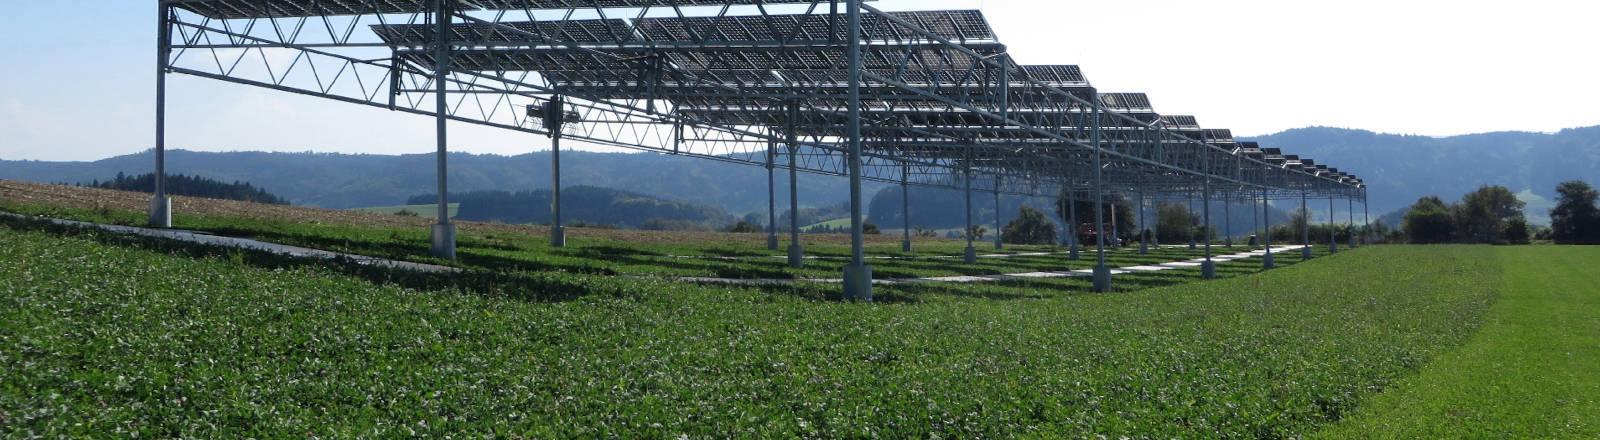 Eine Agri-Photovoltaik-Anlage auf einem Feld